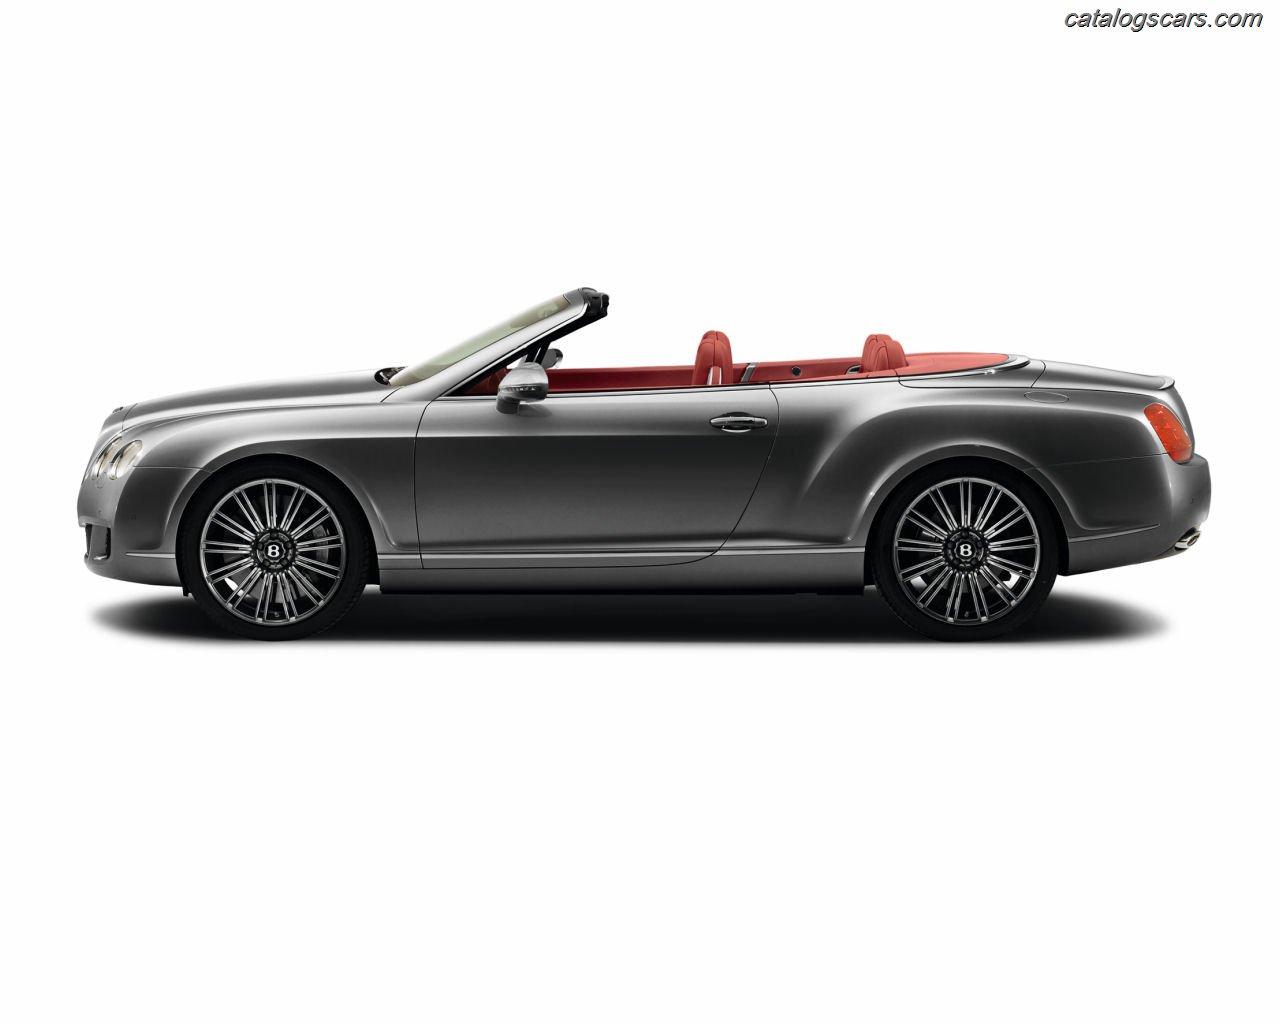 صور سيارة بنتلى كونتيننتال جى تى سى سبيد 2012 - اجمل خلفيات صور عربية بنتلى كونتيننتال جى تى سى سبيد 2012 - Bentley Continental Gtc Speed Photos Bentley-Continental-Gtc-Speed-2011-04.jpg